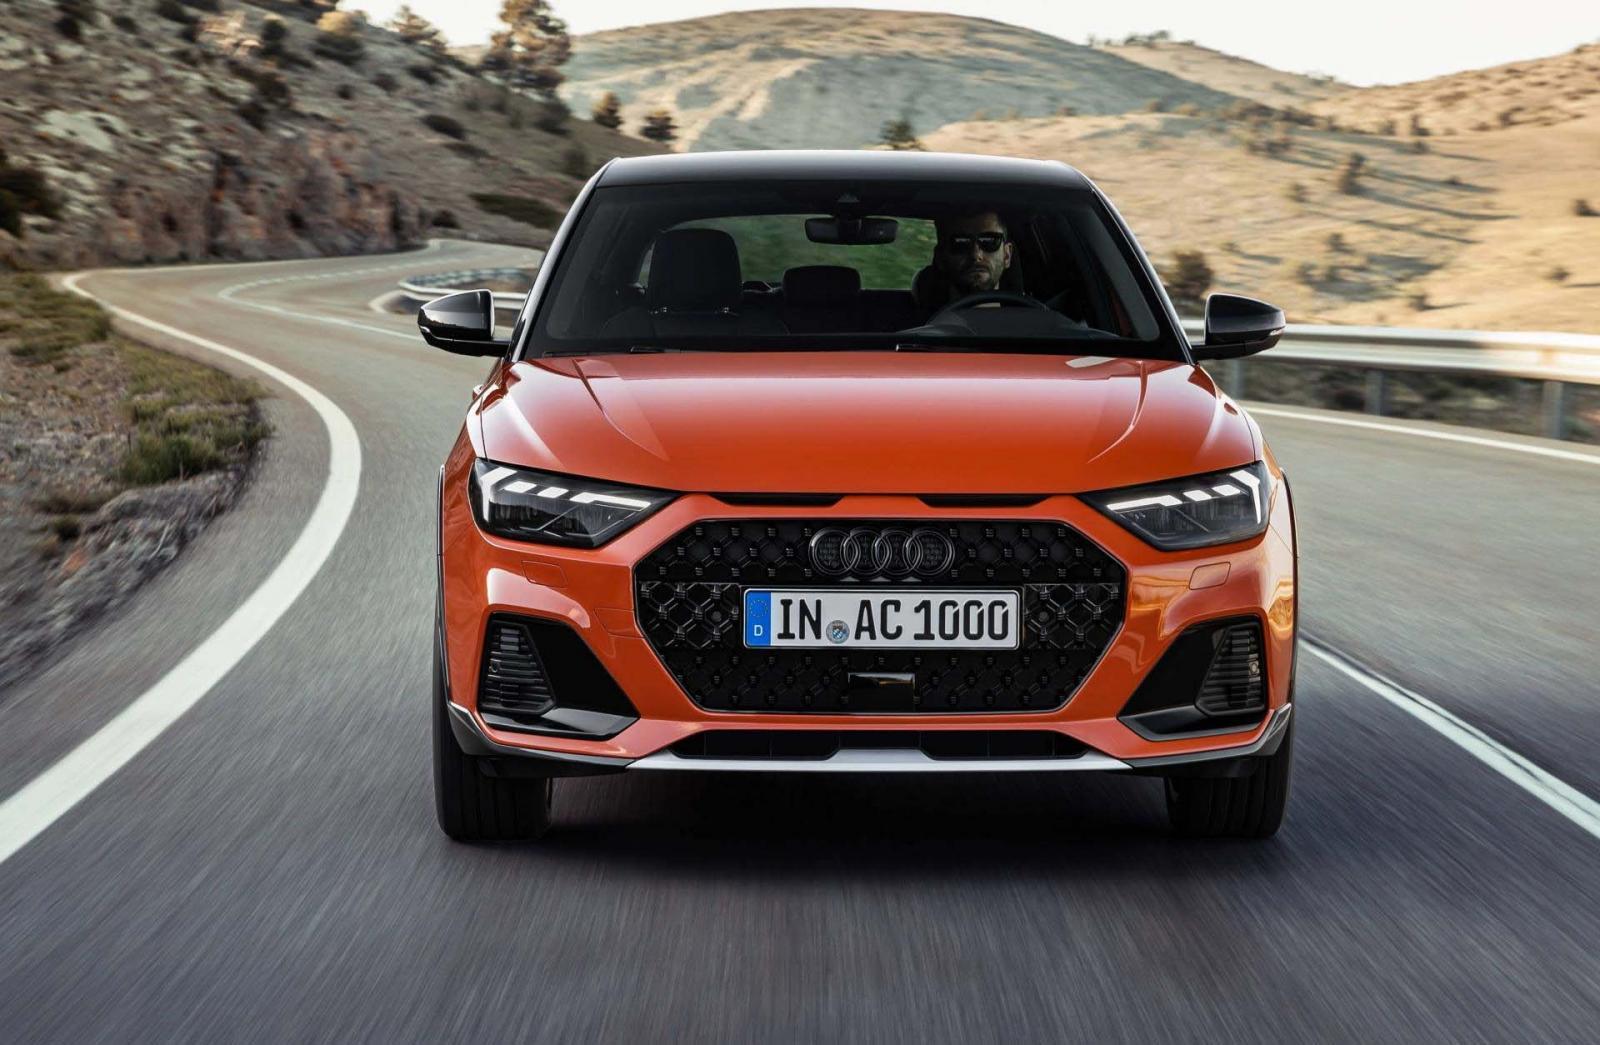 La versión Citycarver del Audi A1 tiene frente de SUV